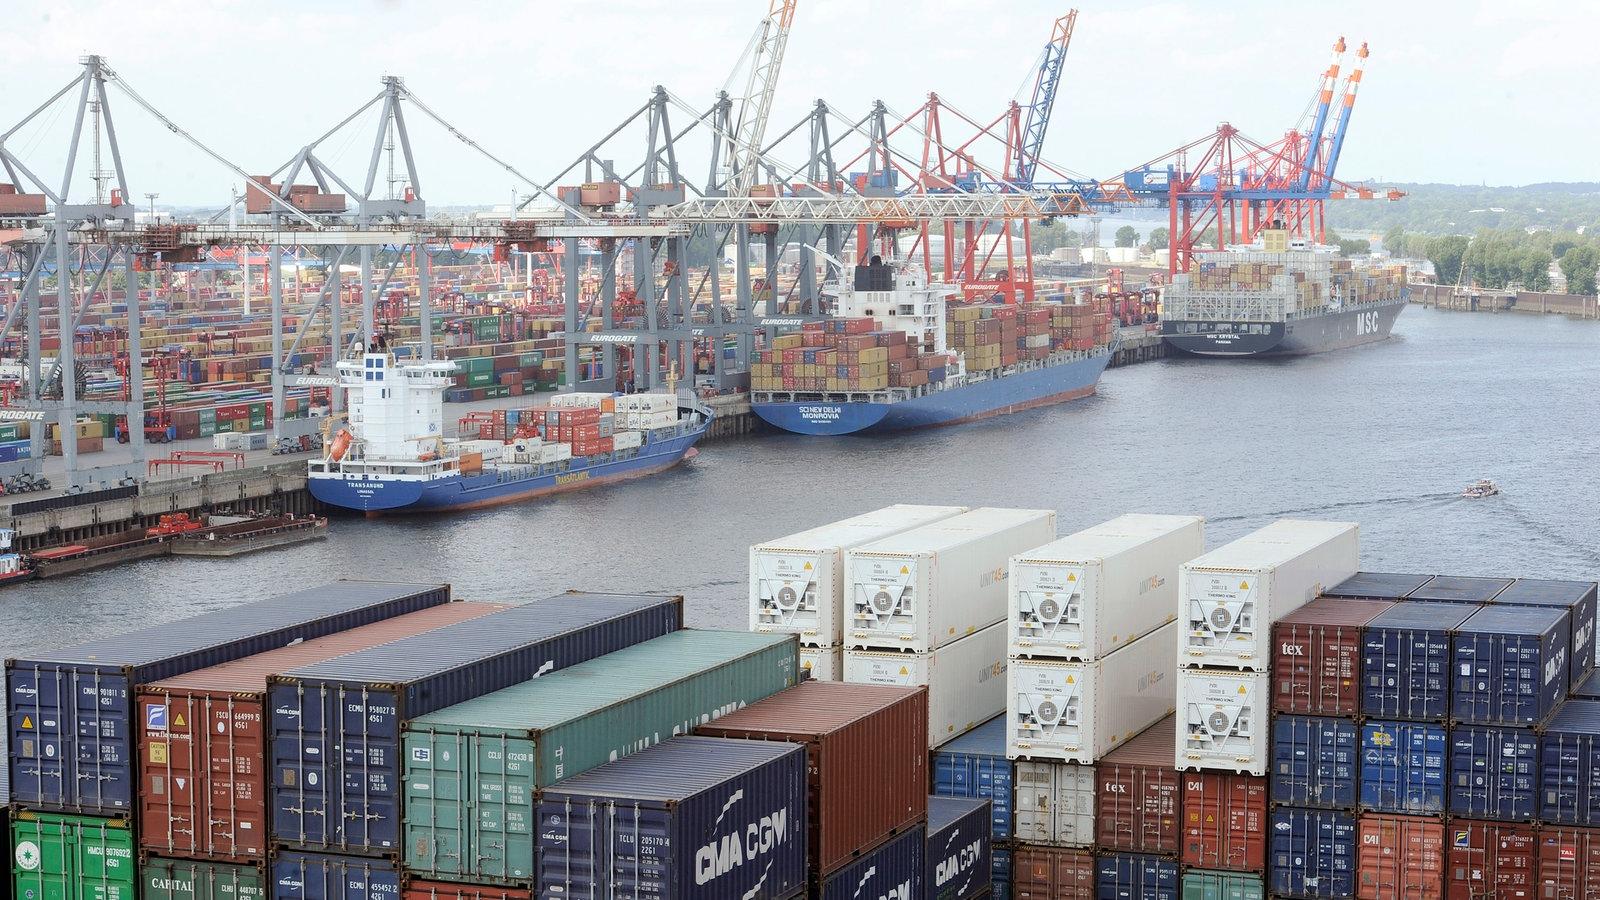 Schifffahrt: Hamburger Hafen - Schifffahrt - Technik